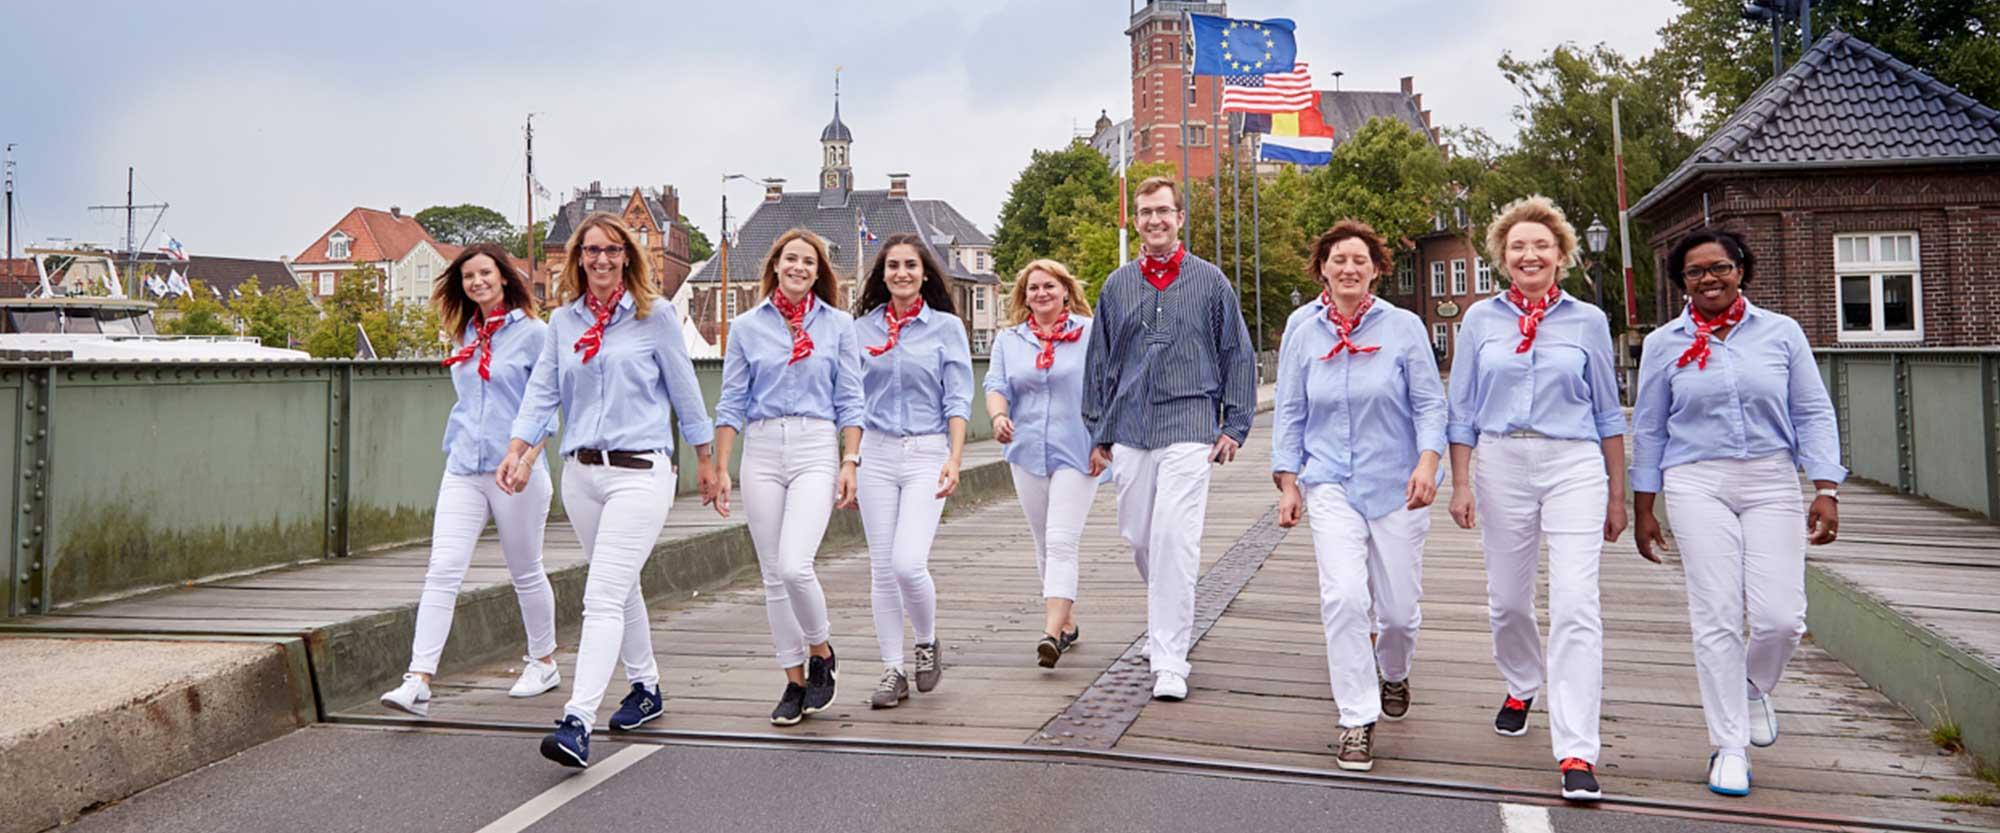 Das Team der Zahnarztpraxis Bertram in Leer in traditioneller ostfriesischer Kleidung